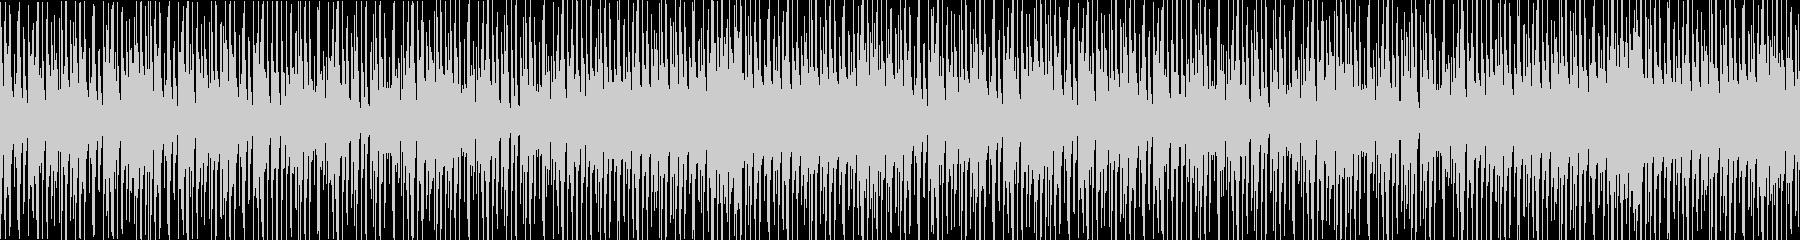 三味線和風ヒップホップインストループ声無の未再生の波形